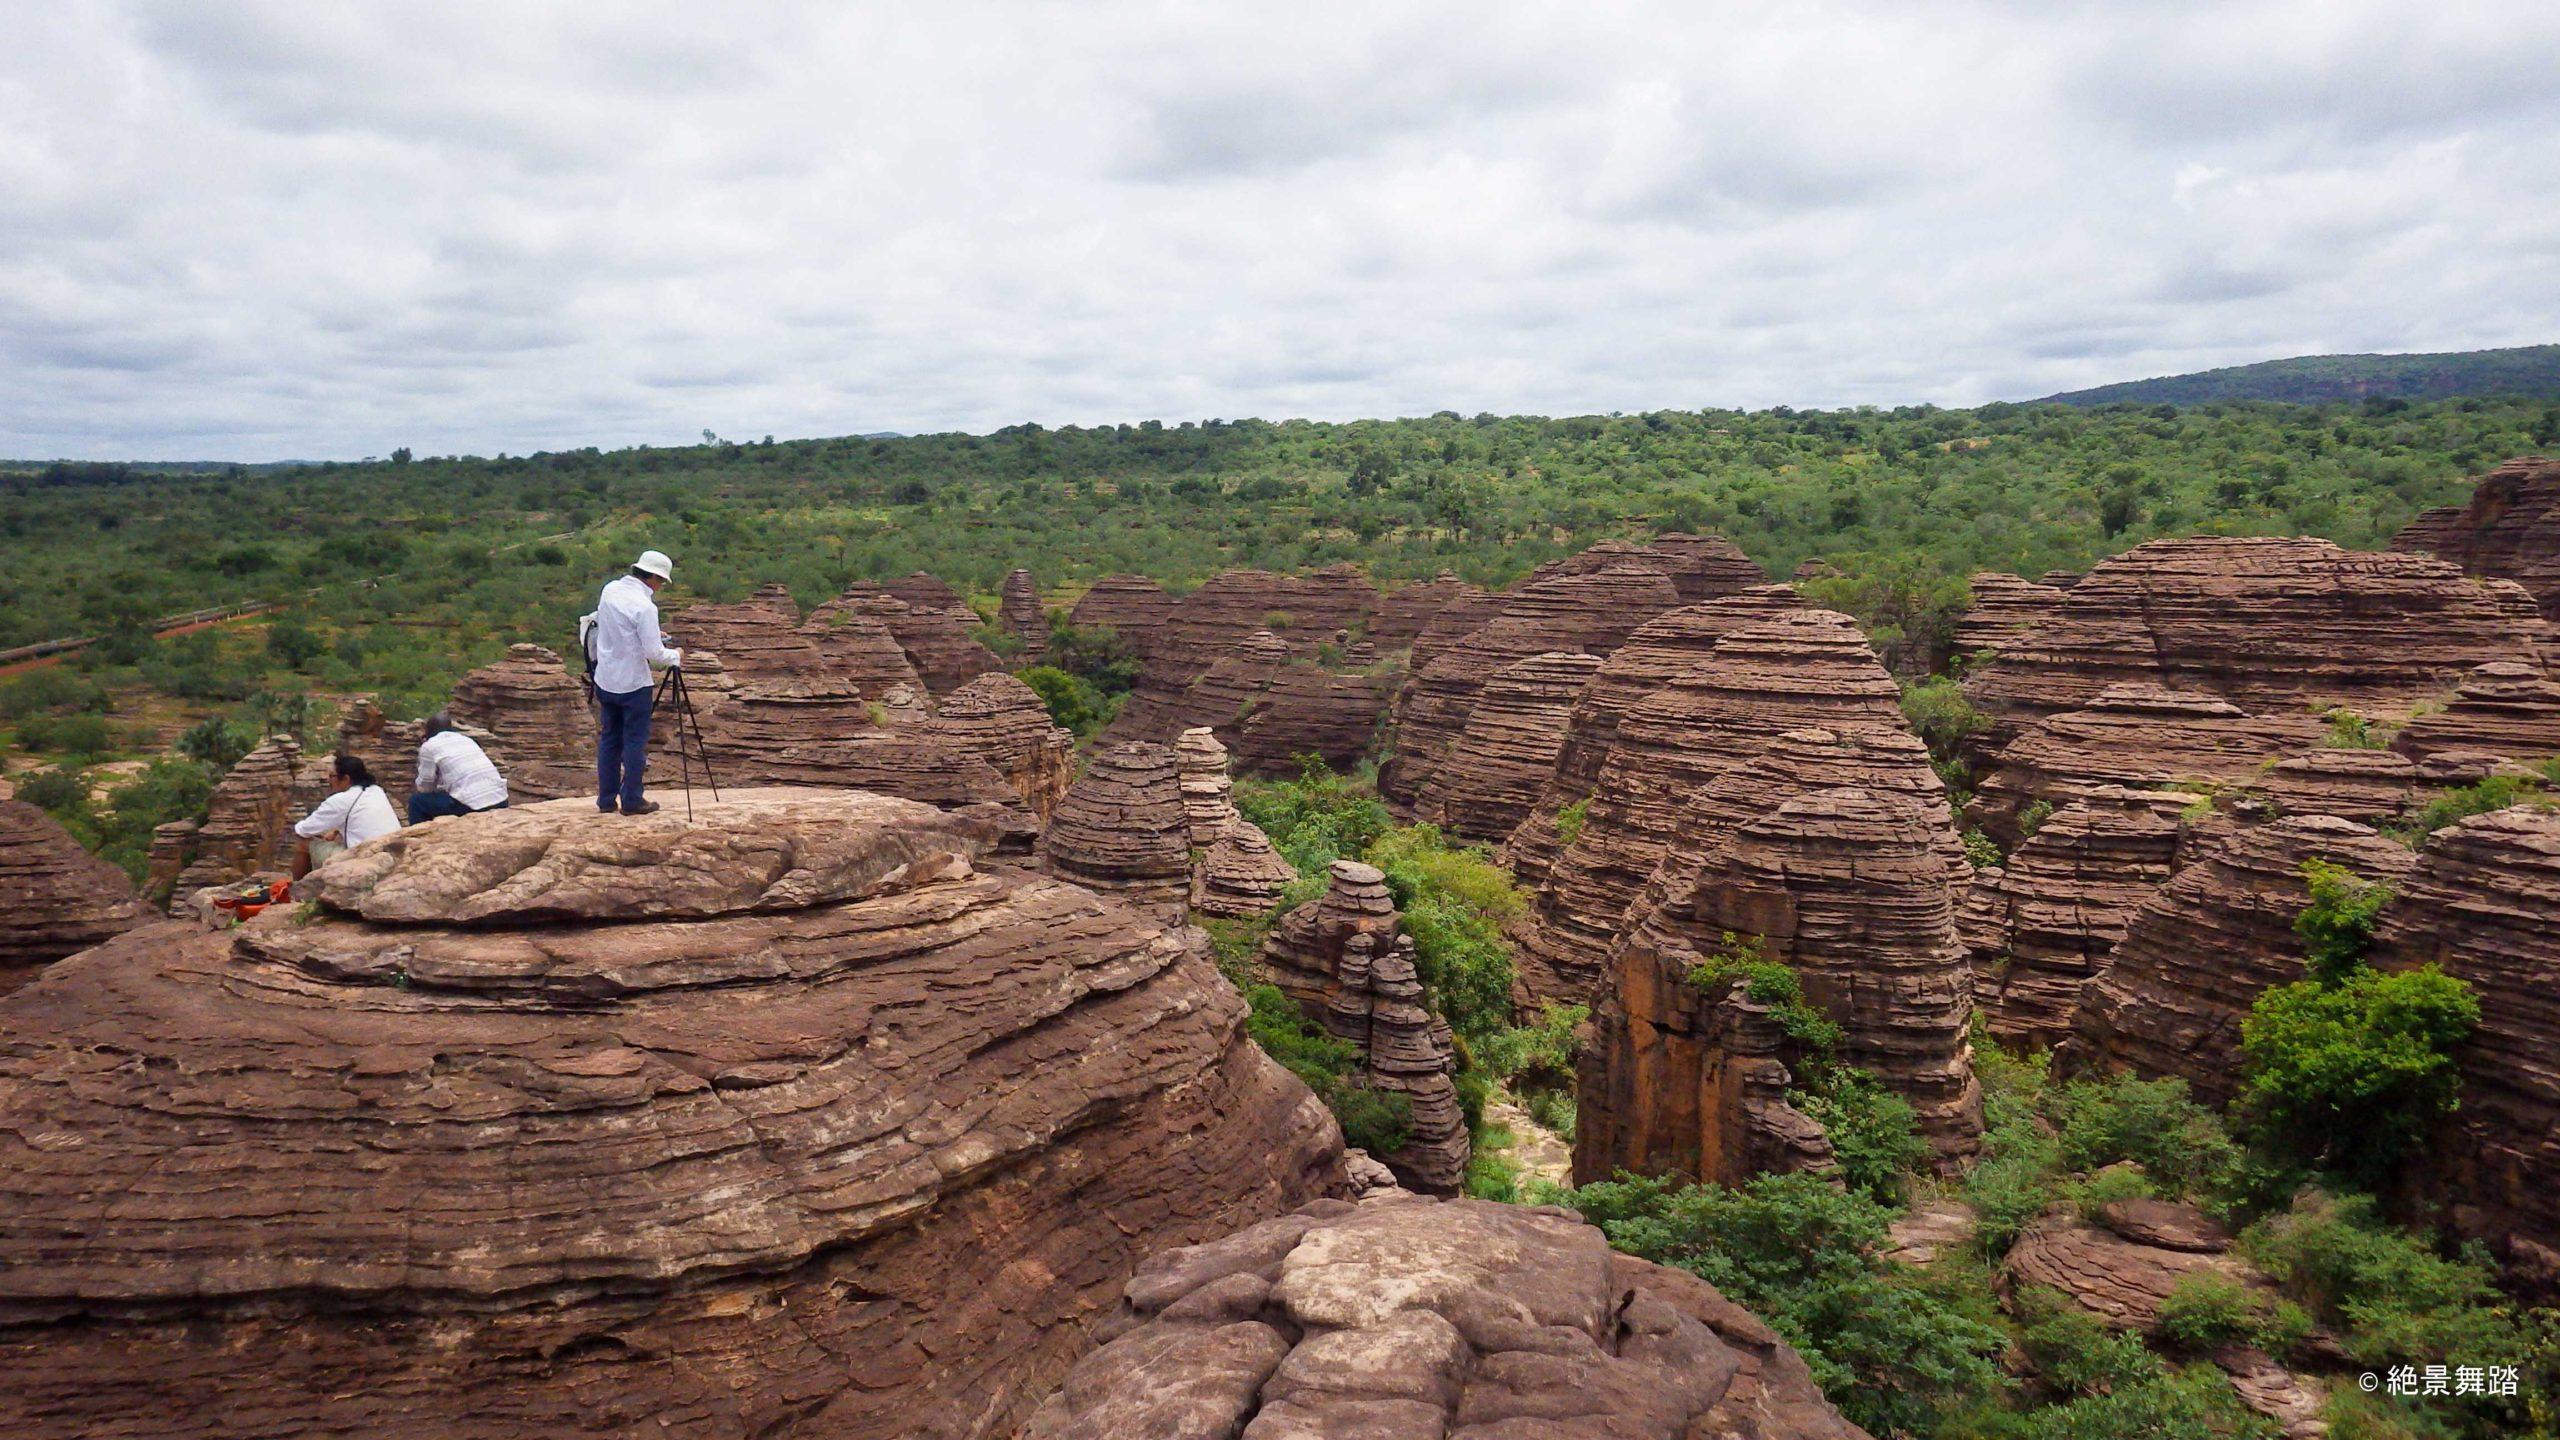 旅記事385 絶景:奇岩群ファベドゥグドームと野生カバ